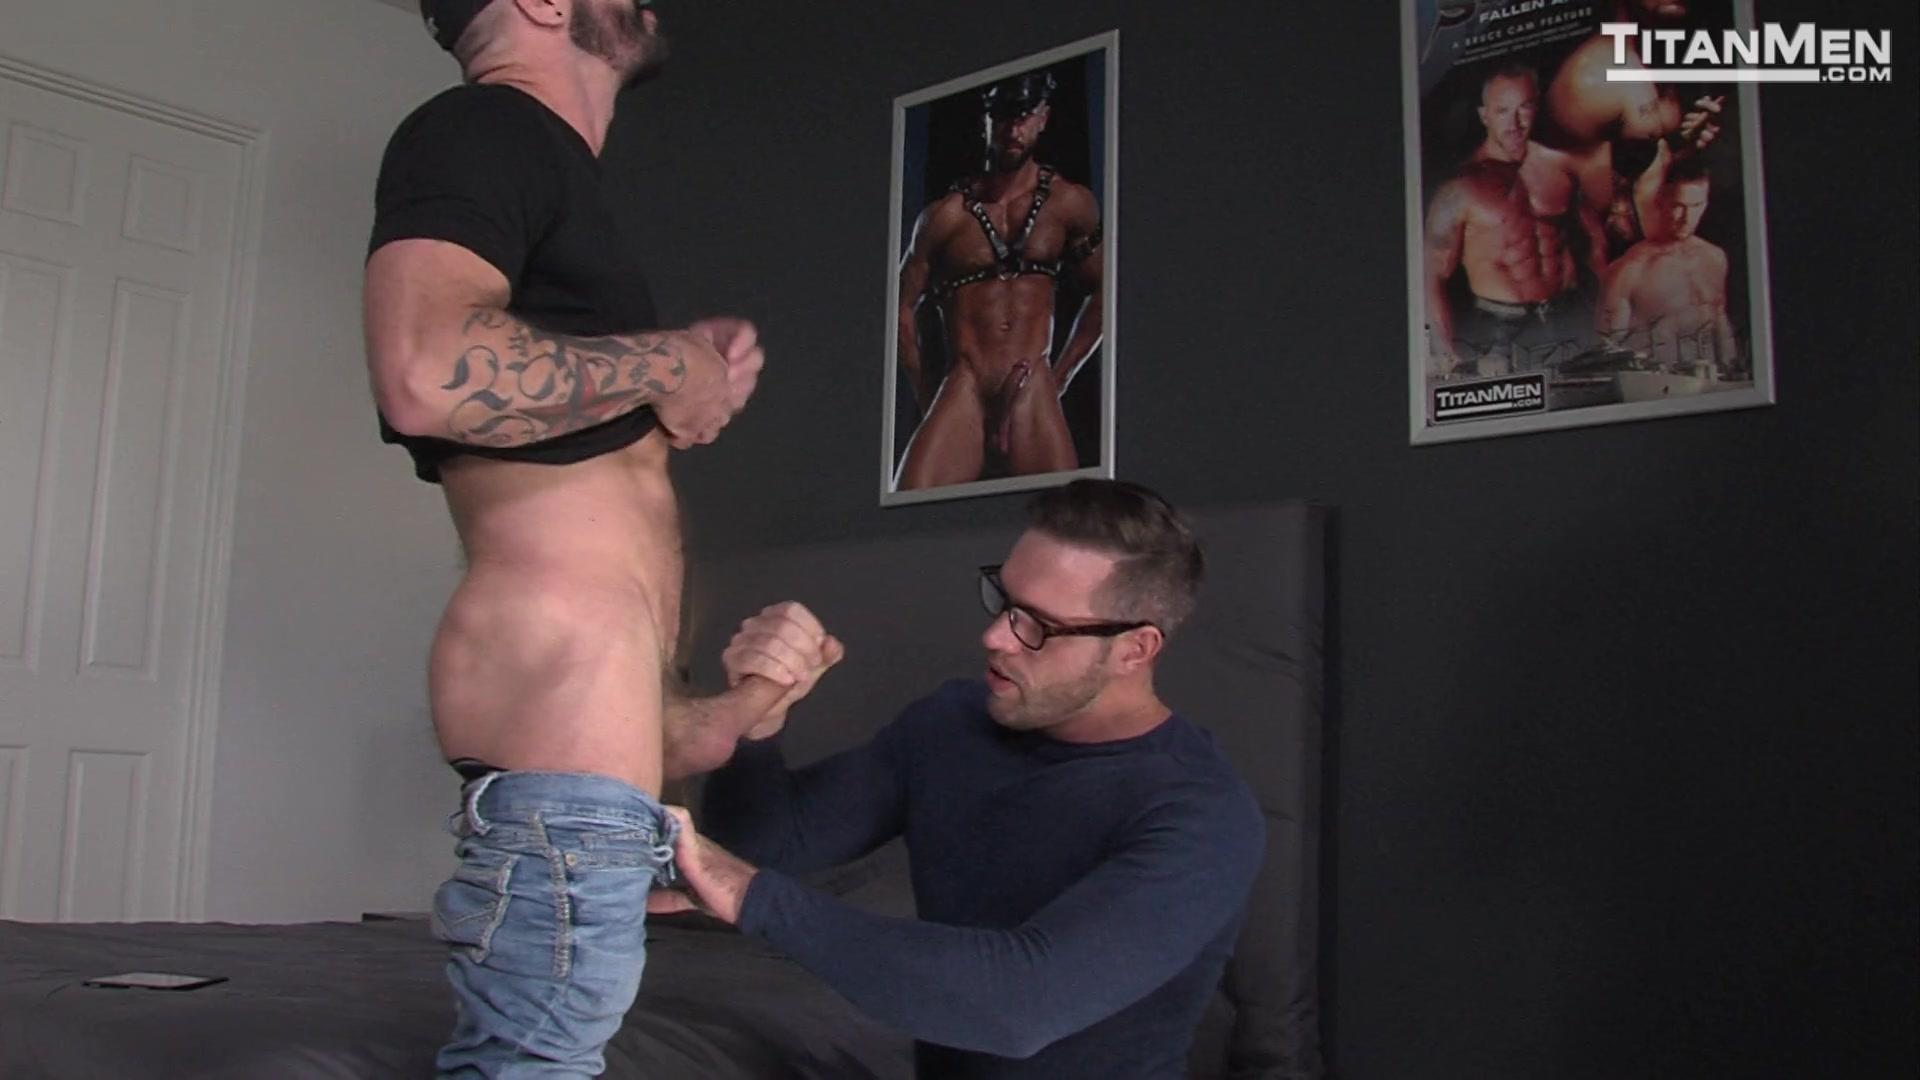 gay exibitionism videos